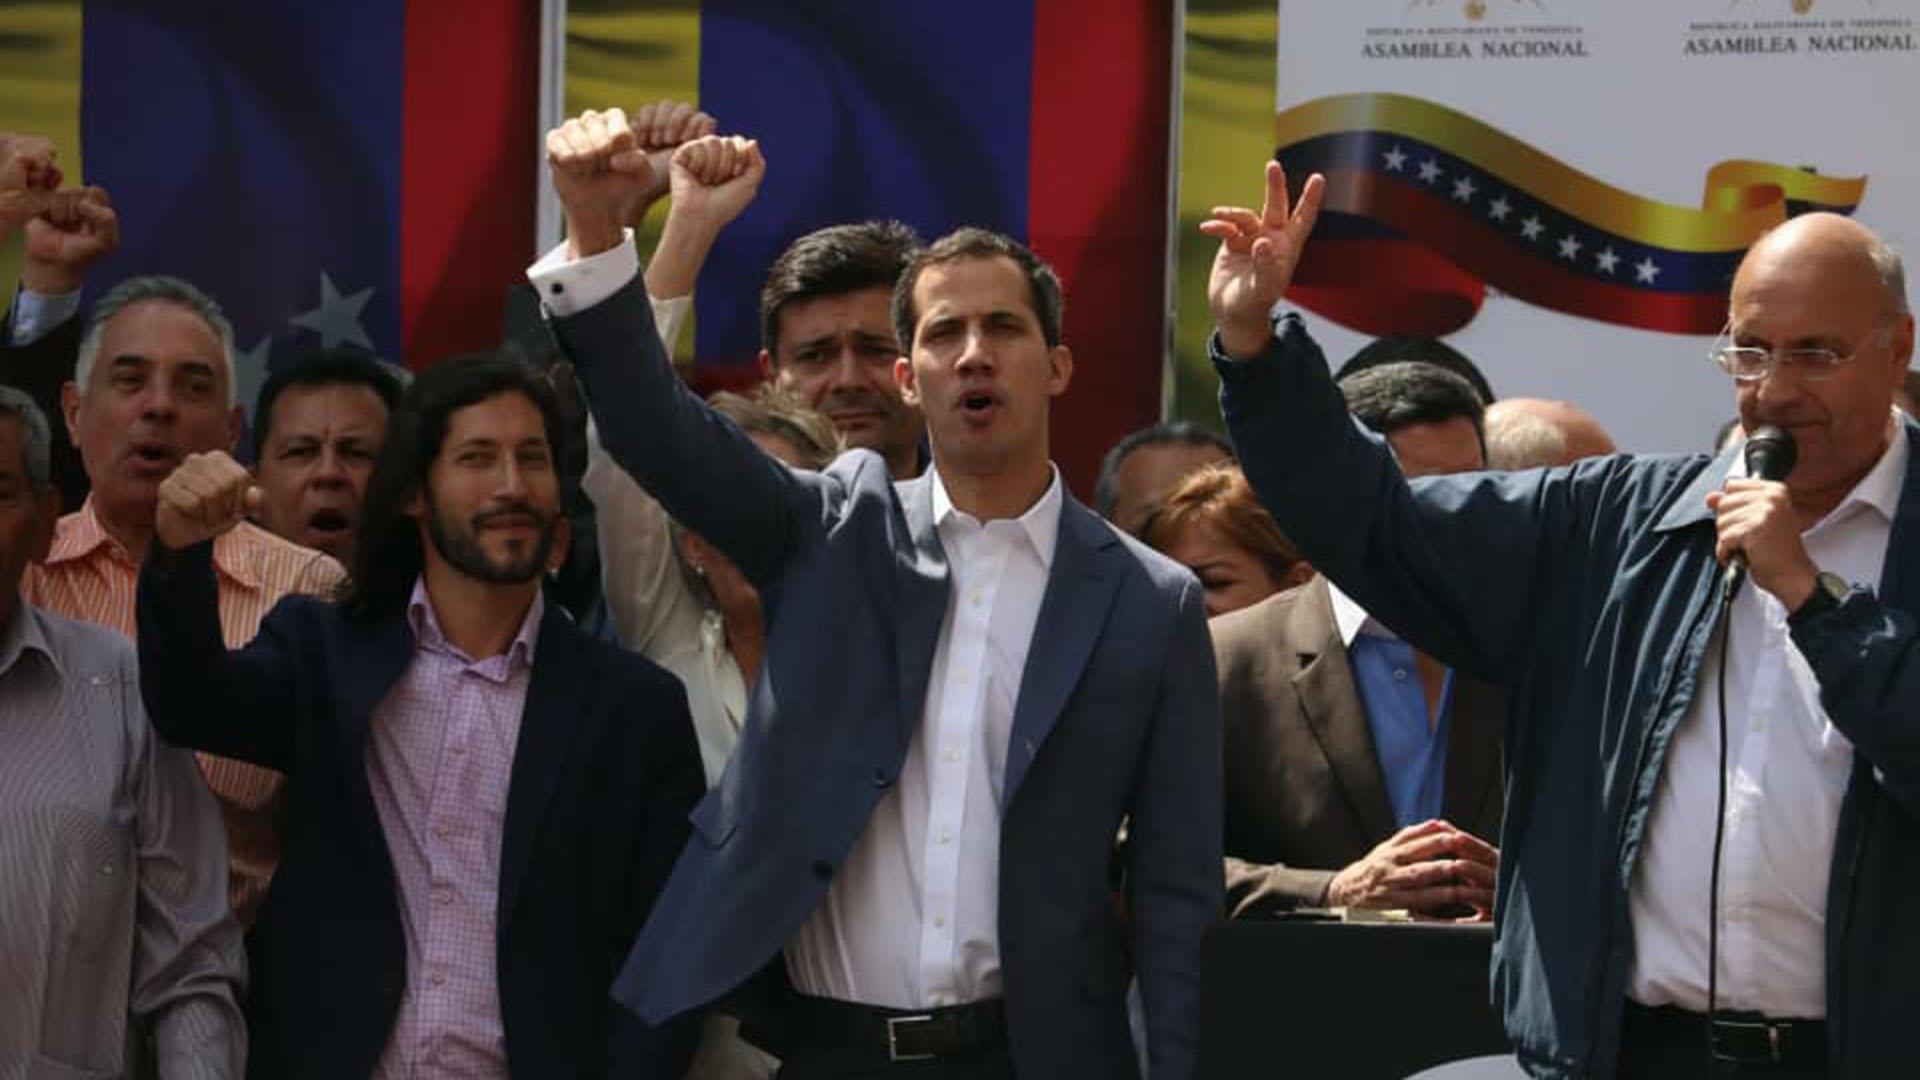 Juan Guaidó. presidnete de la Asamblea Nacional de Venezuela